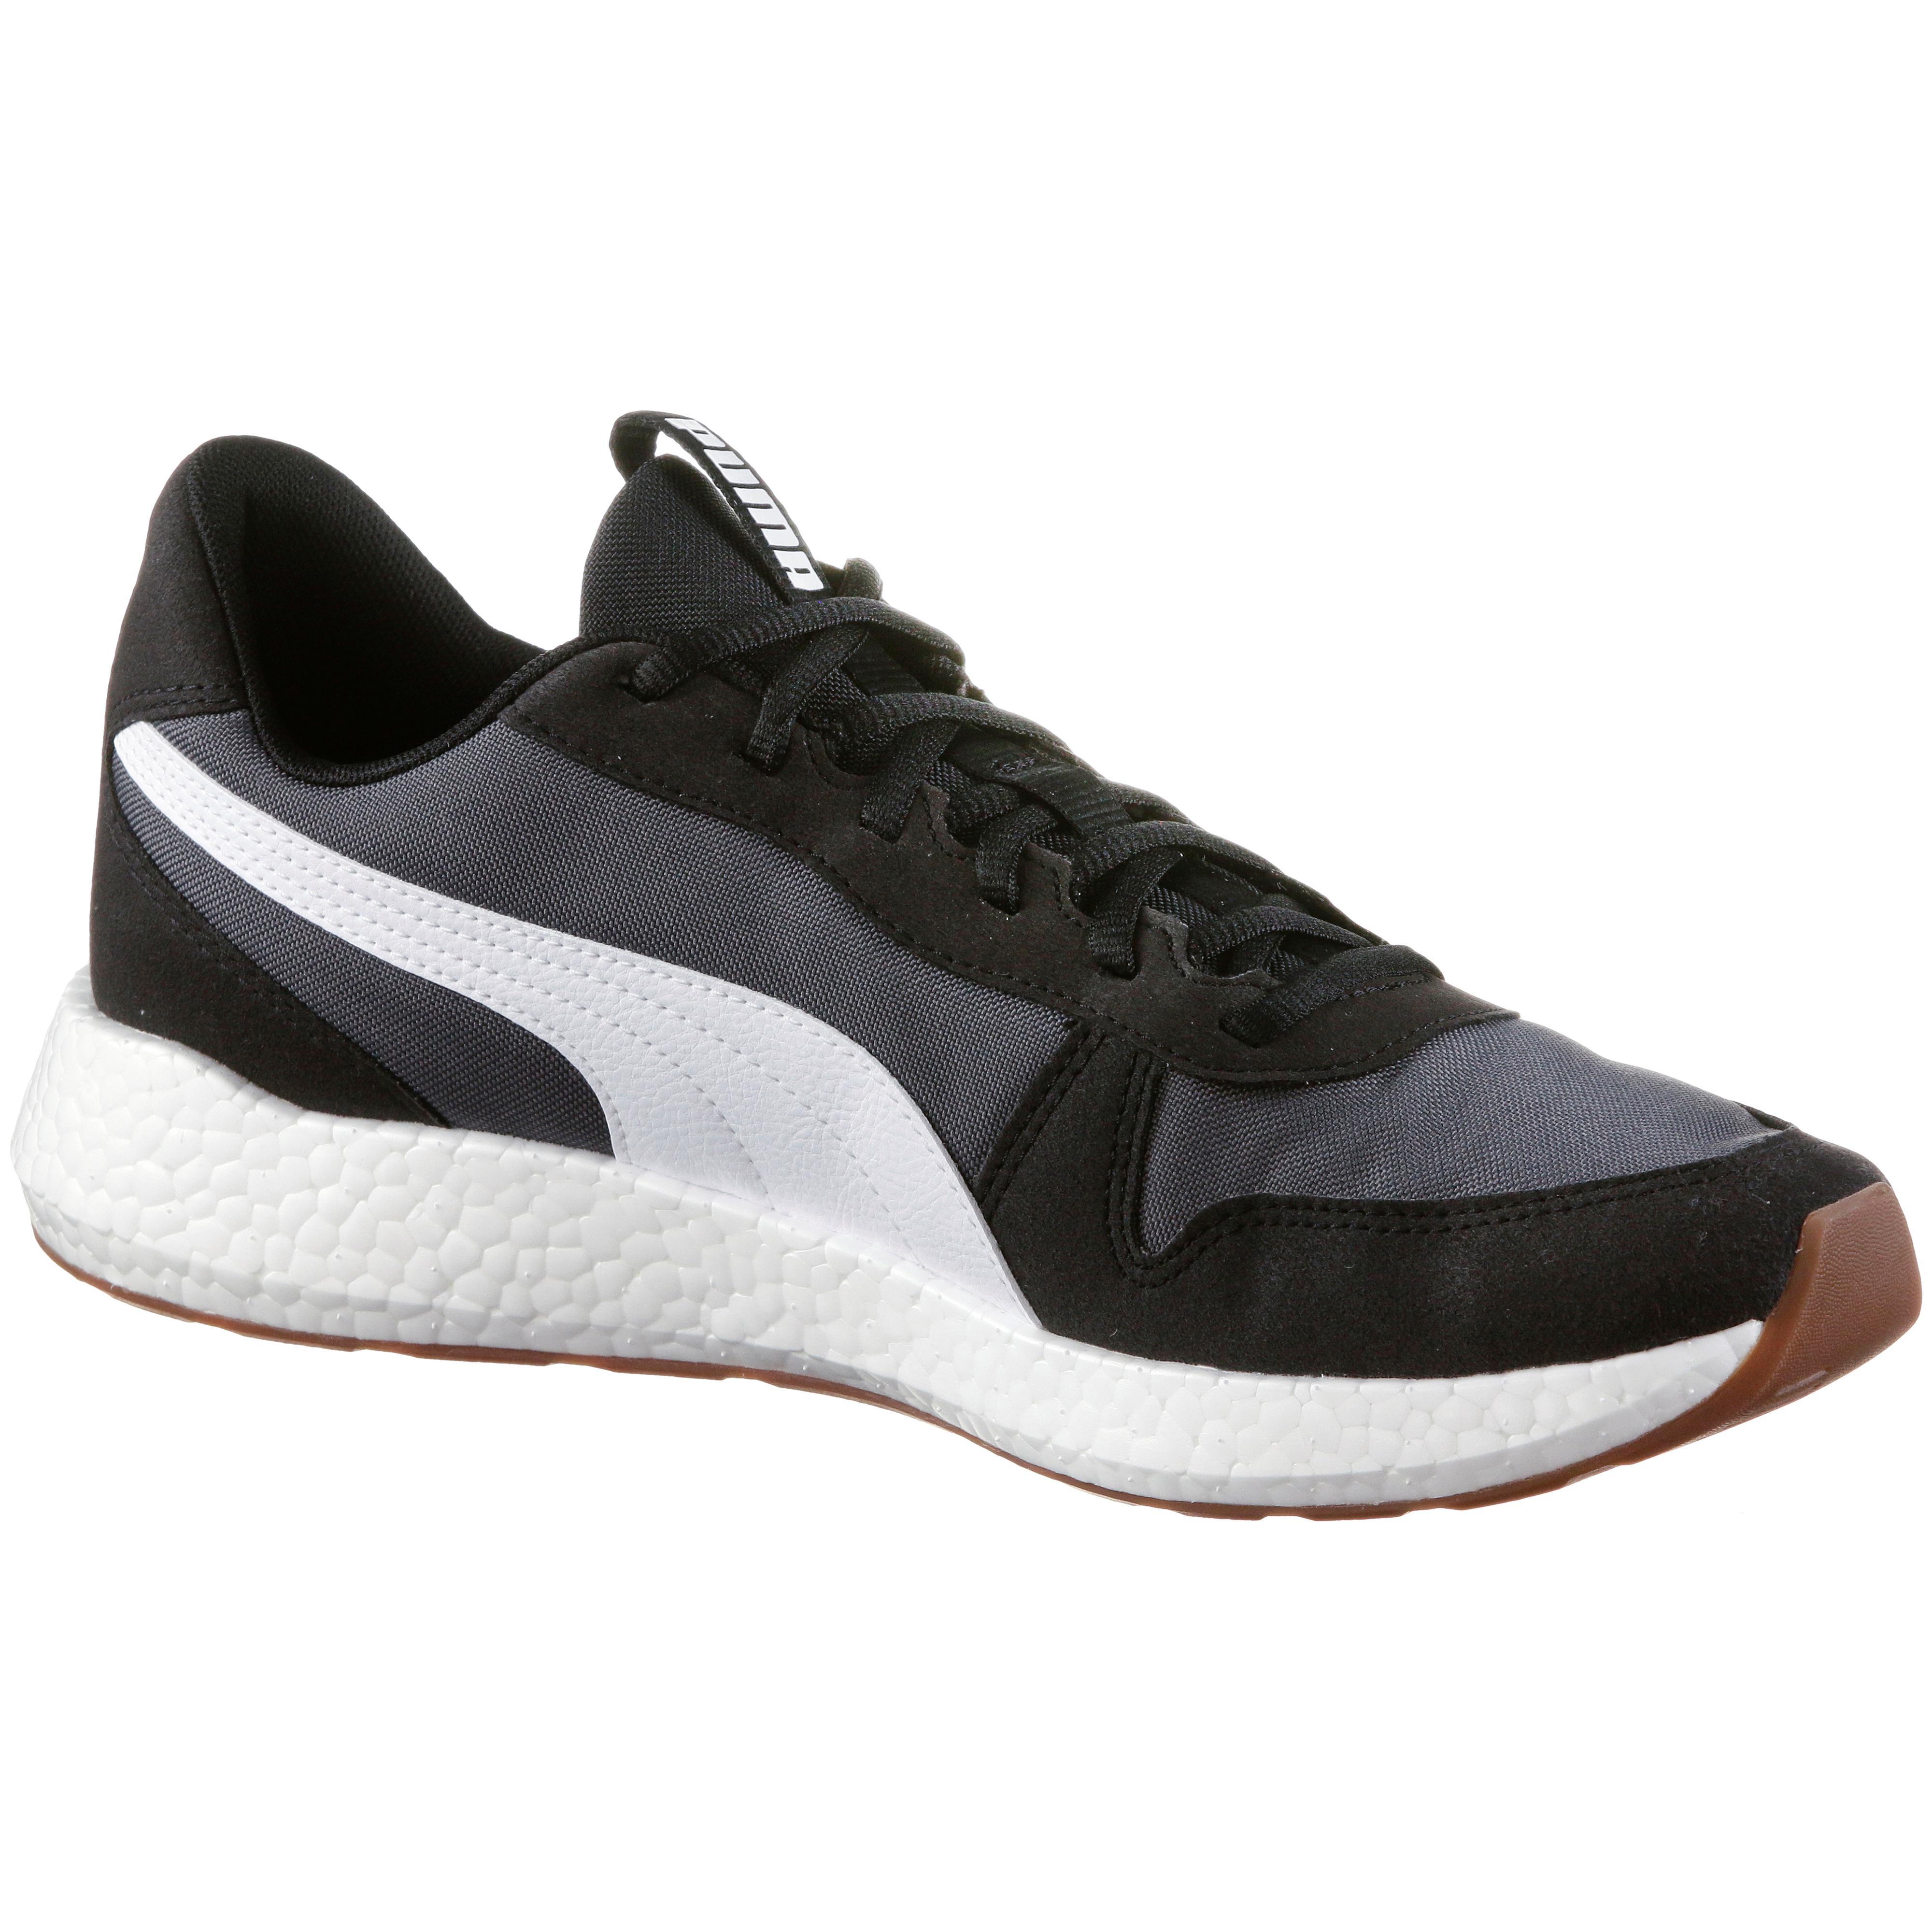 PUMA NRGY Neko Retro Turnschuhe Herren peacoat-puma peacoat-puma peacoat-puma Weiß-high risk rot im Online Shop von SportScheck kaufen Gute Qualität beliebte Schuhe 3504f5